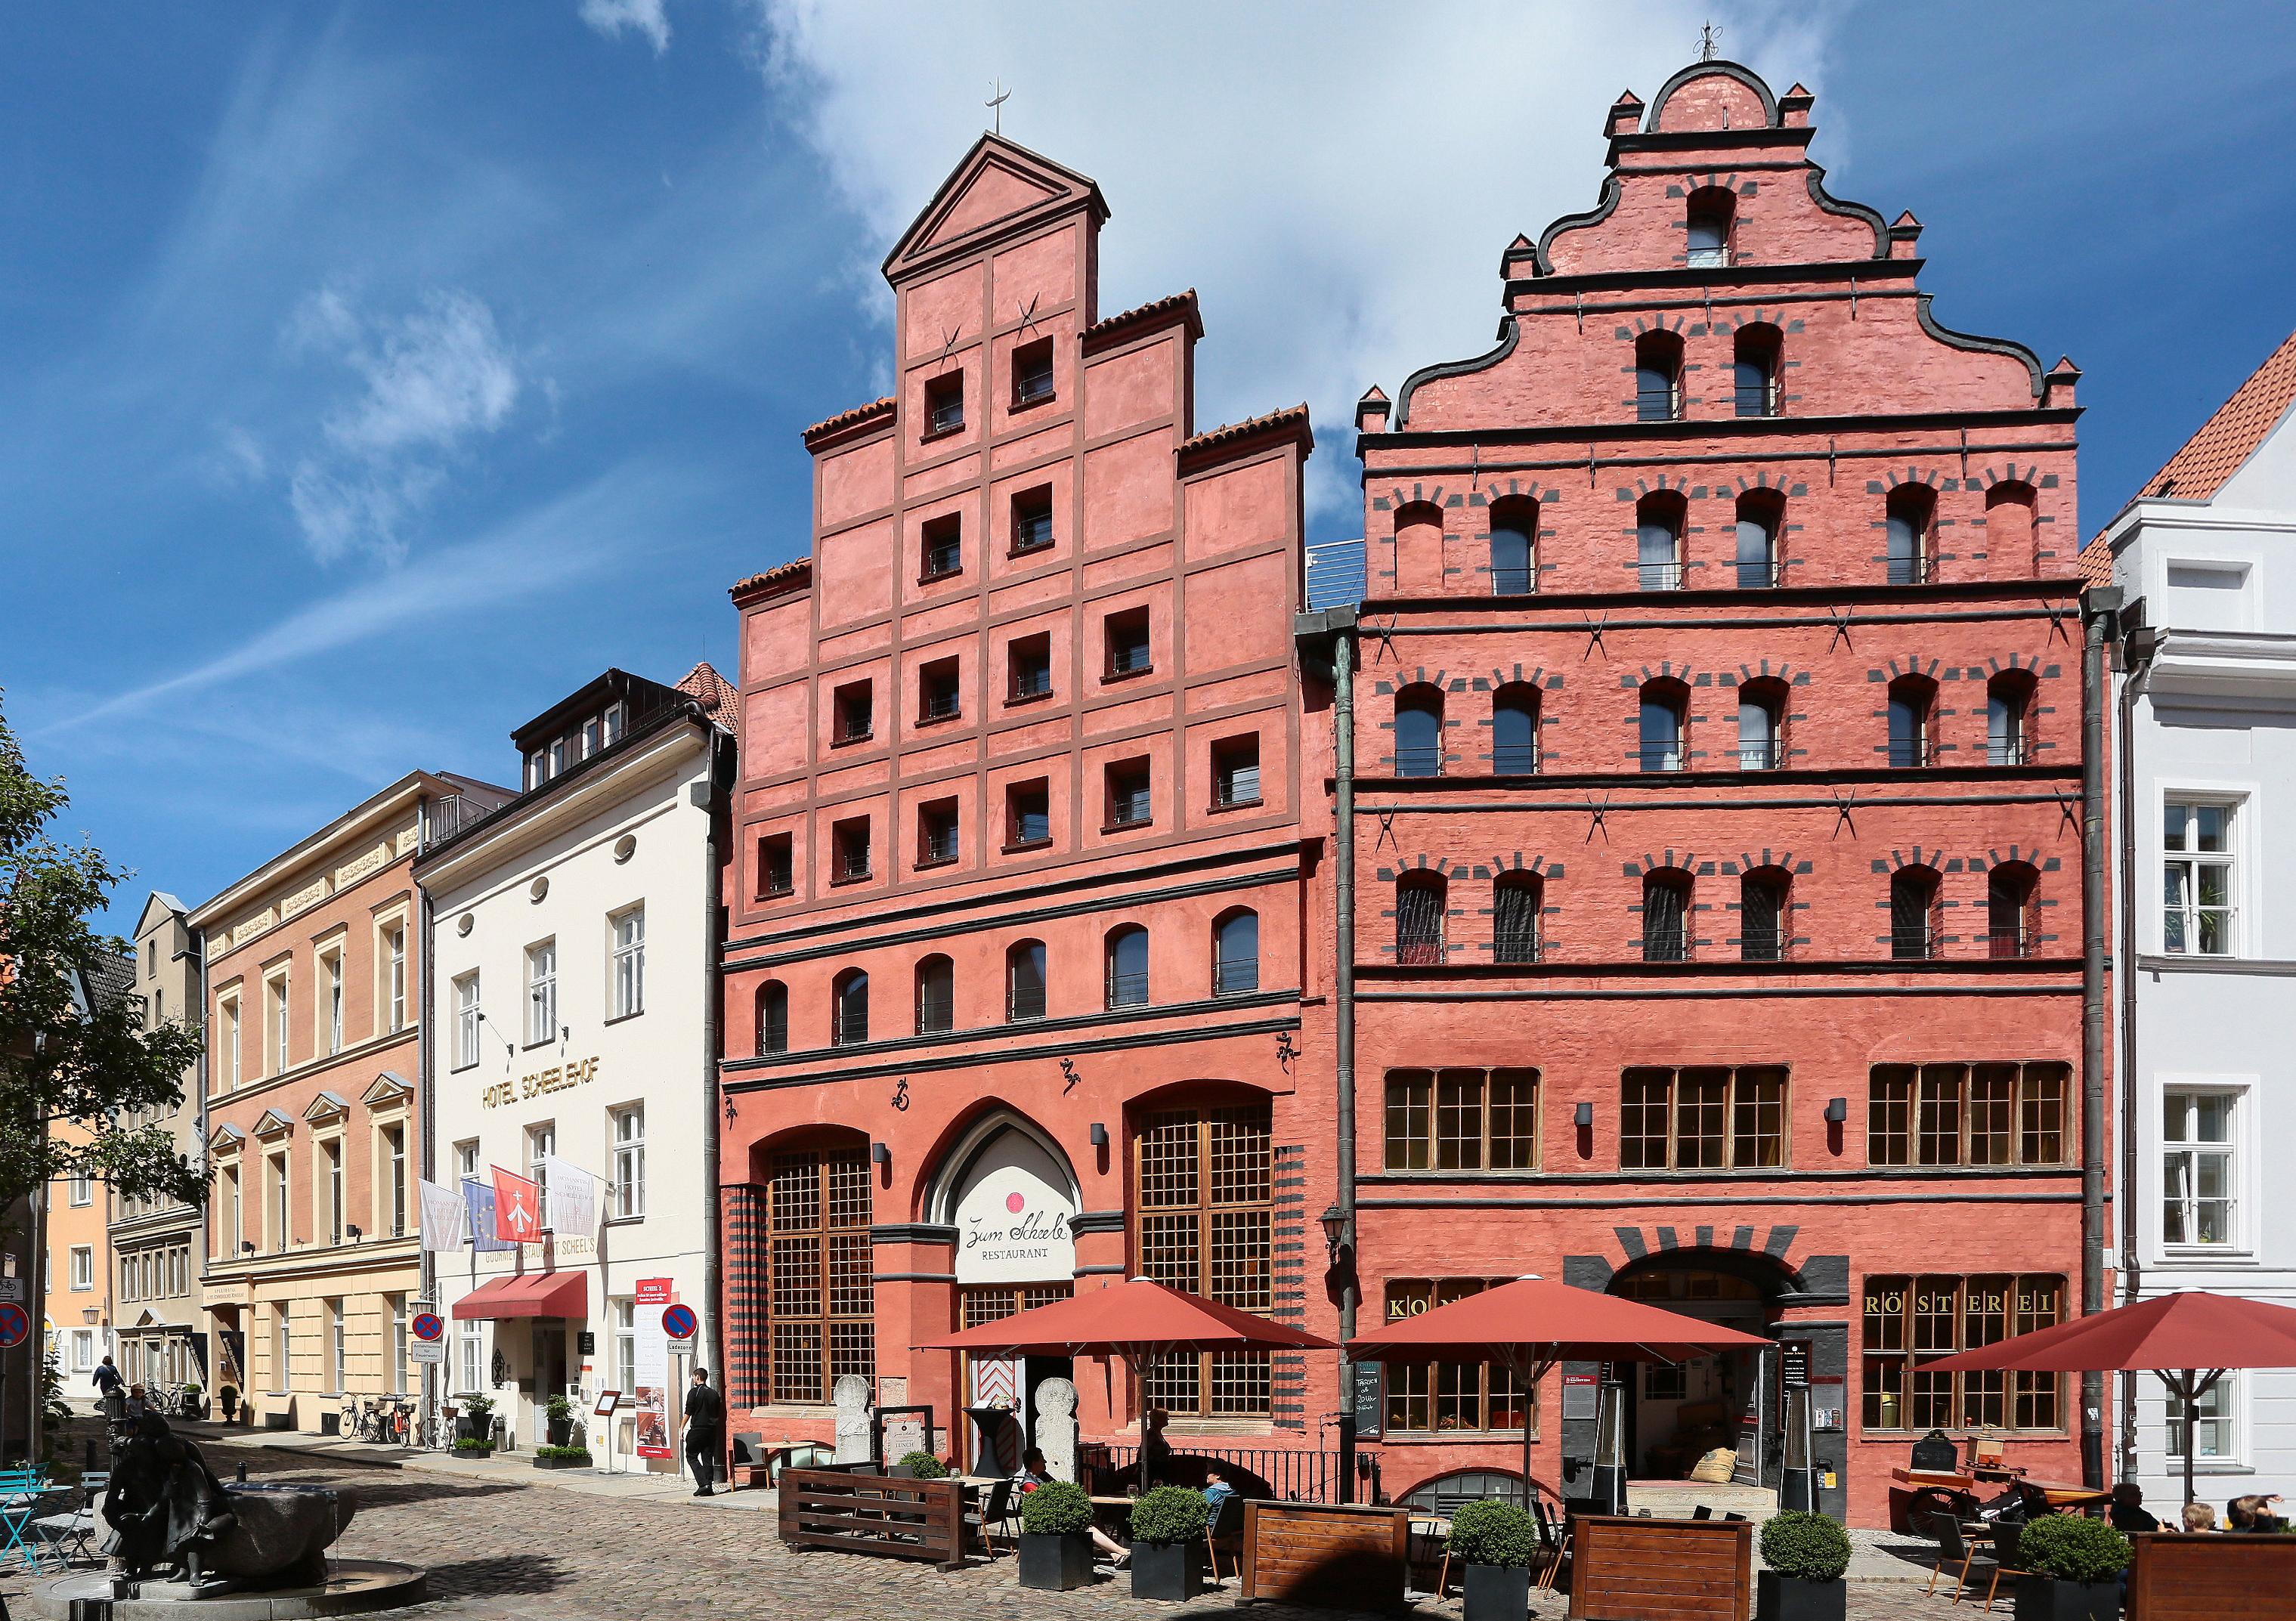 romantik hotel scheelehof stralsund in stralsund holidaycheck mecklenburg vorpommern deutschland. Black Bedroom Furniture Sets. Home Design Ideas